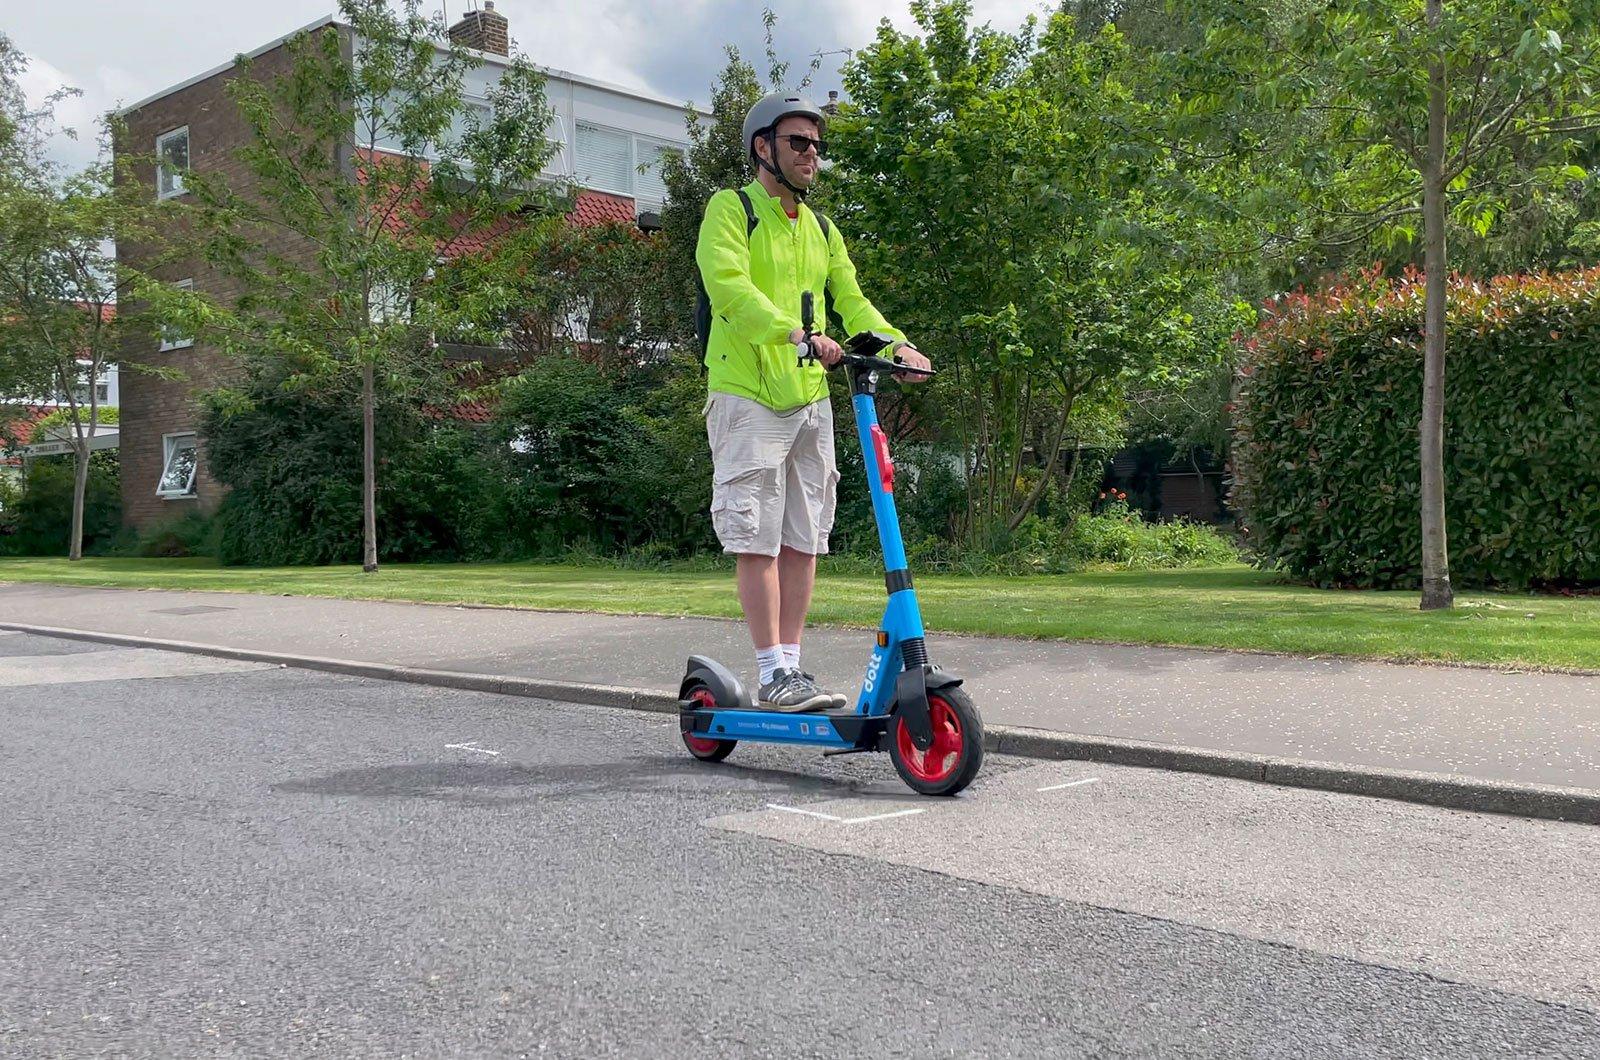 Man riding e-scooter